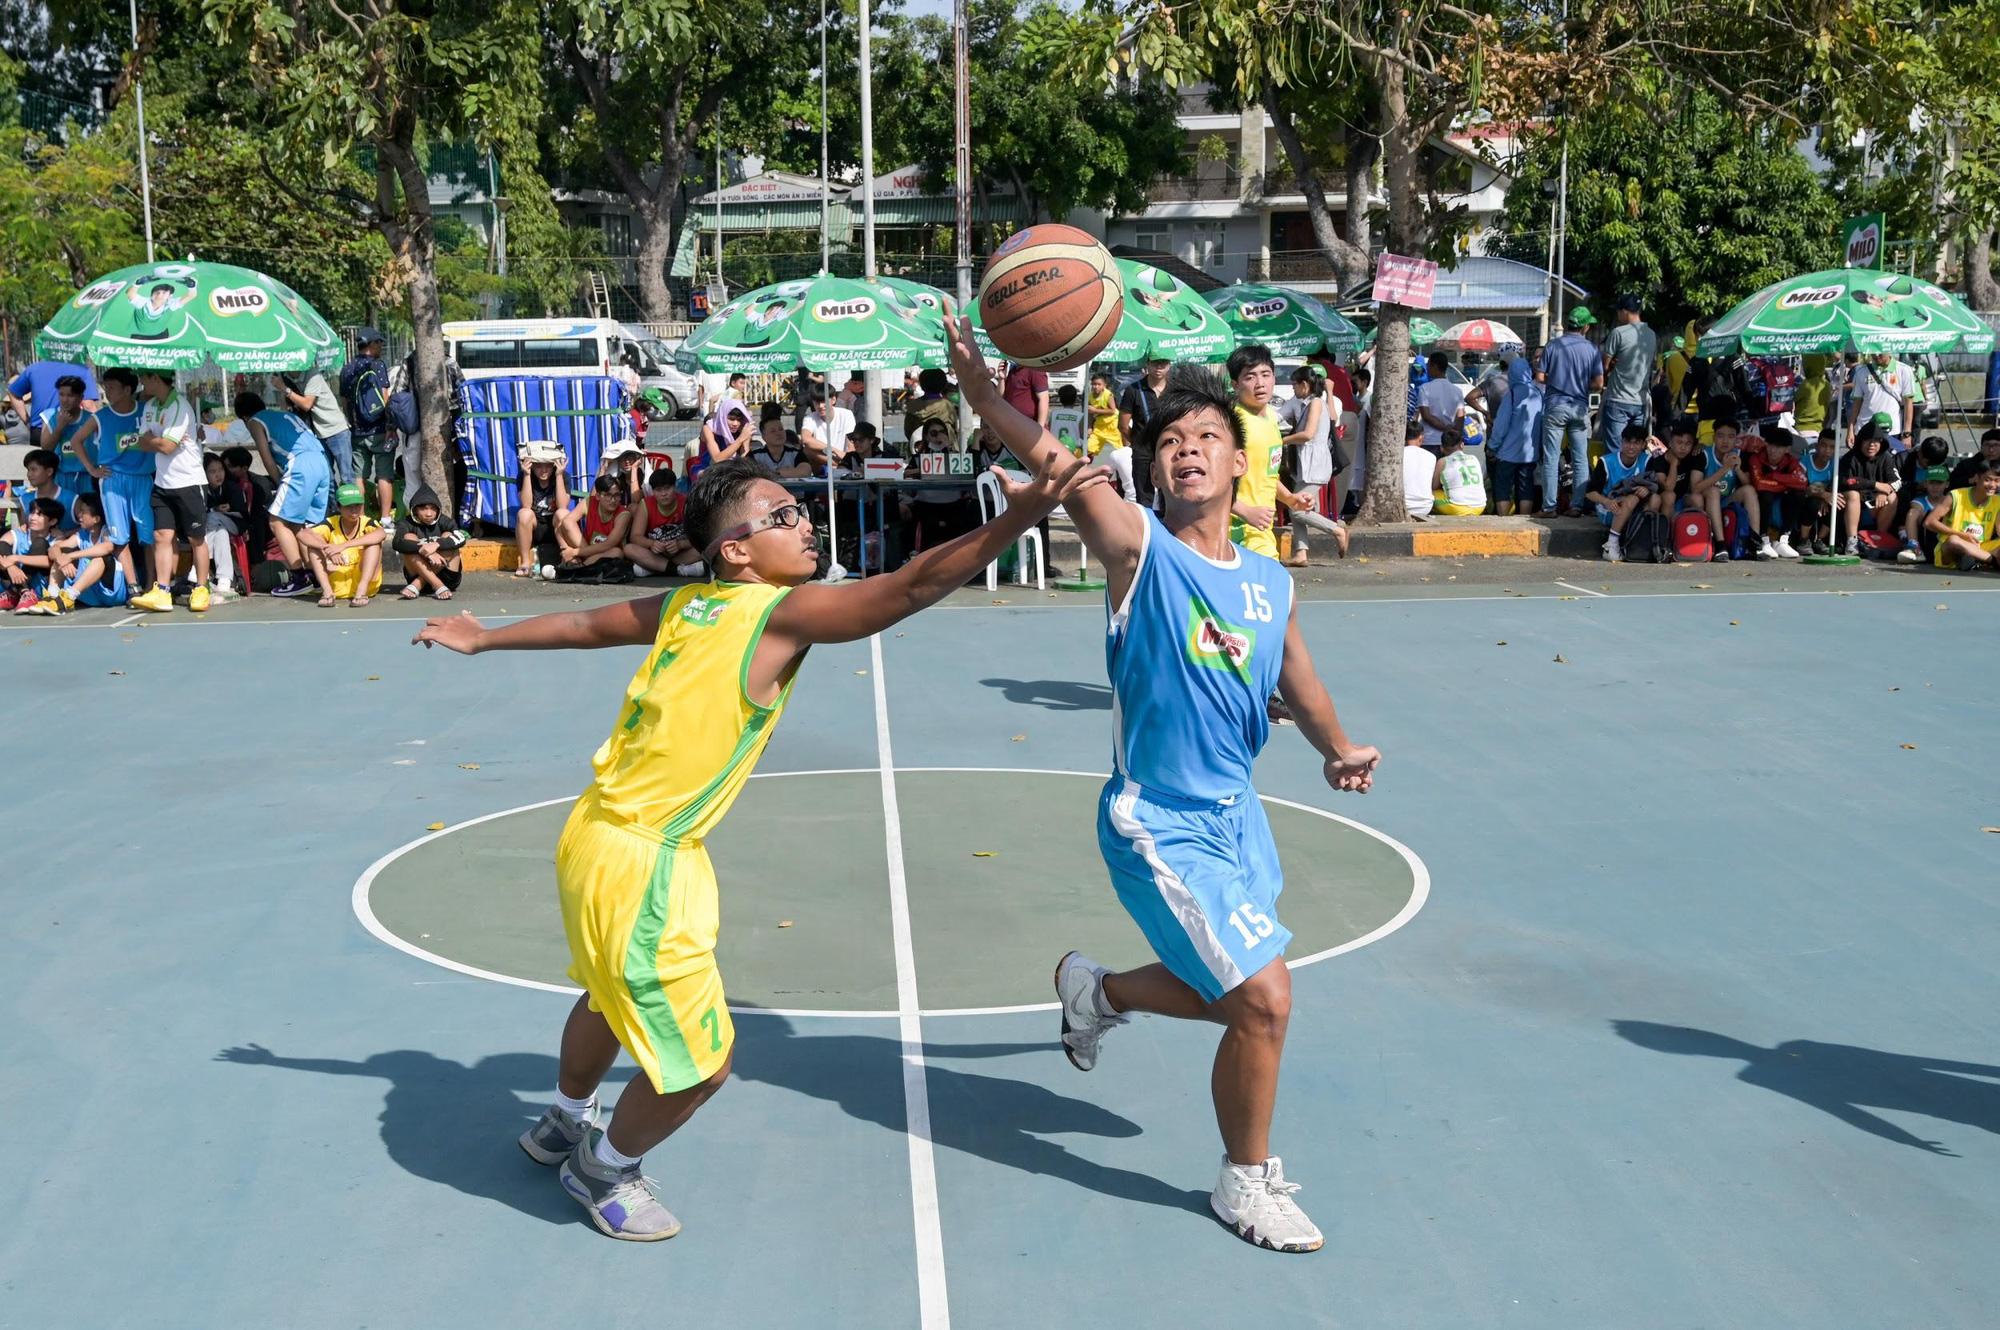 Có một thế hệ trẻ Việt trưởng thành từ sân bóng rổ - Ảnh 5.